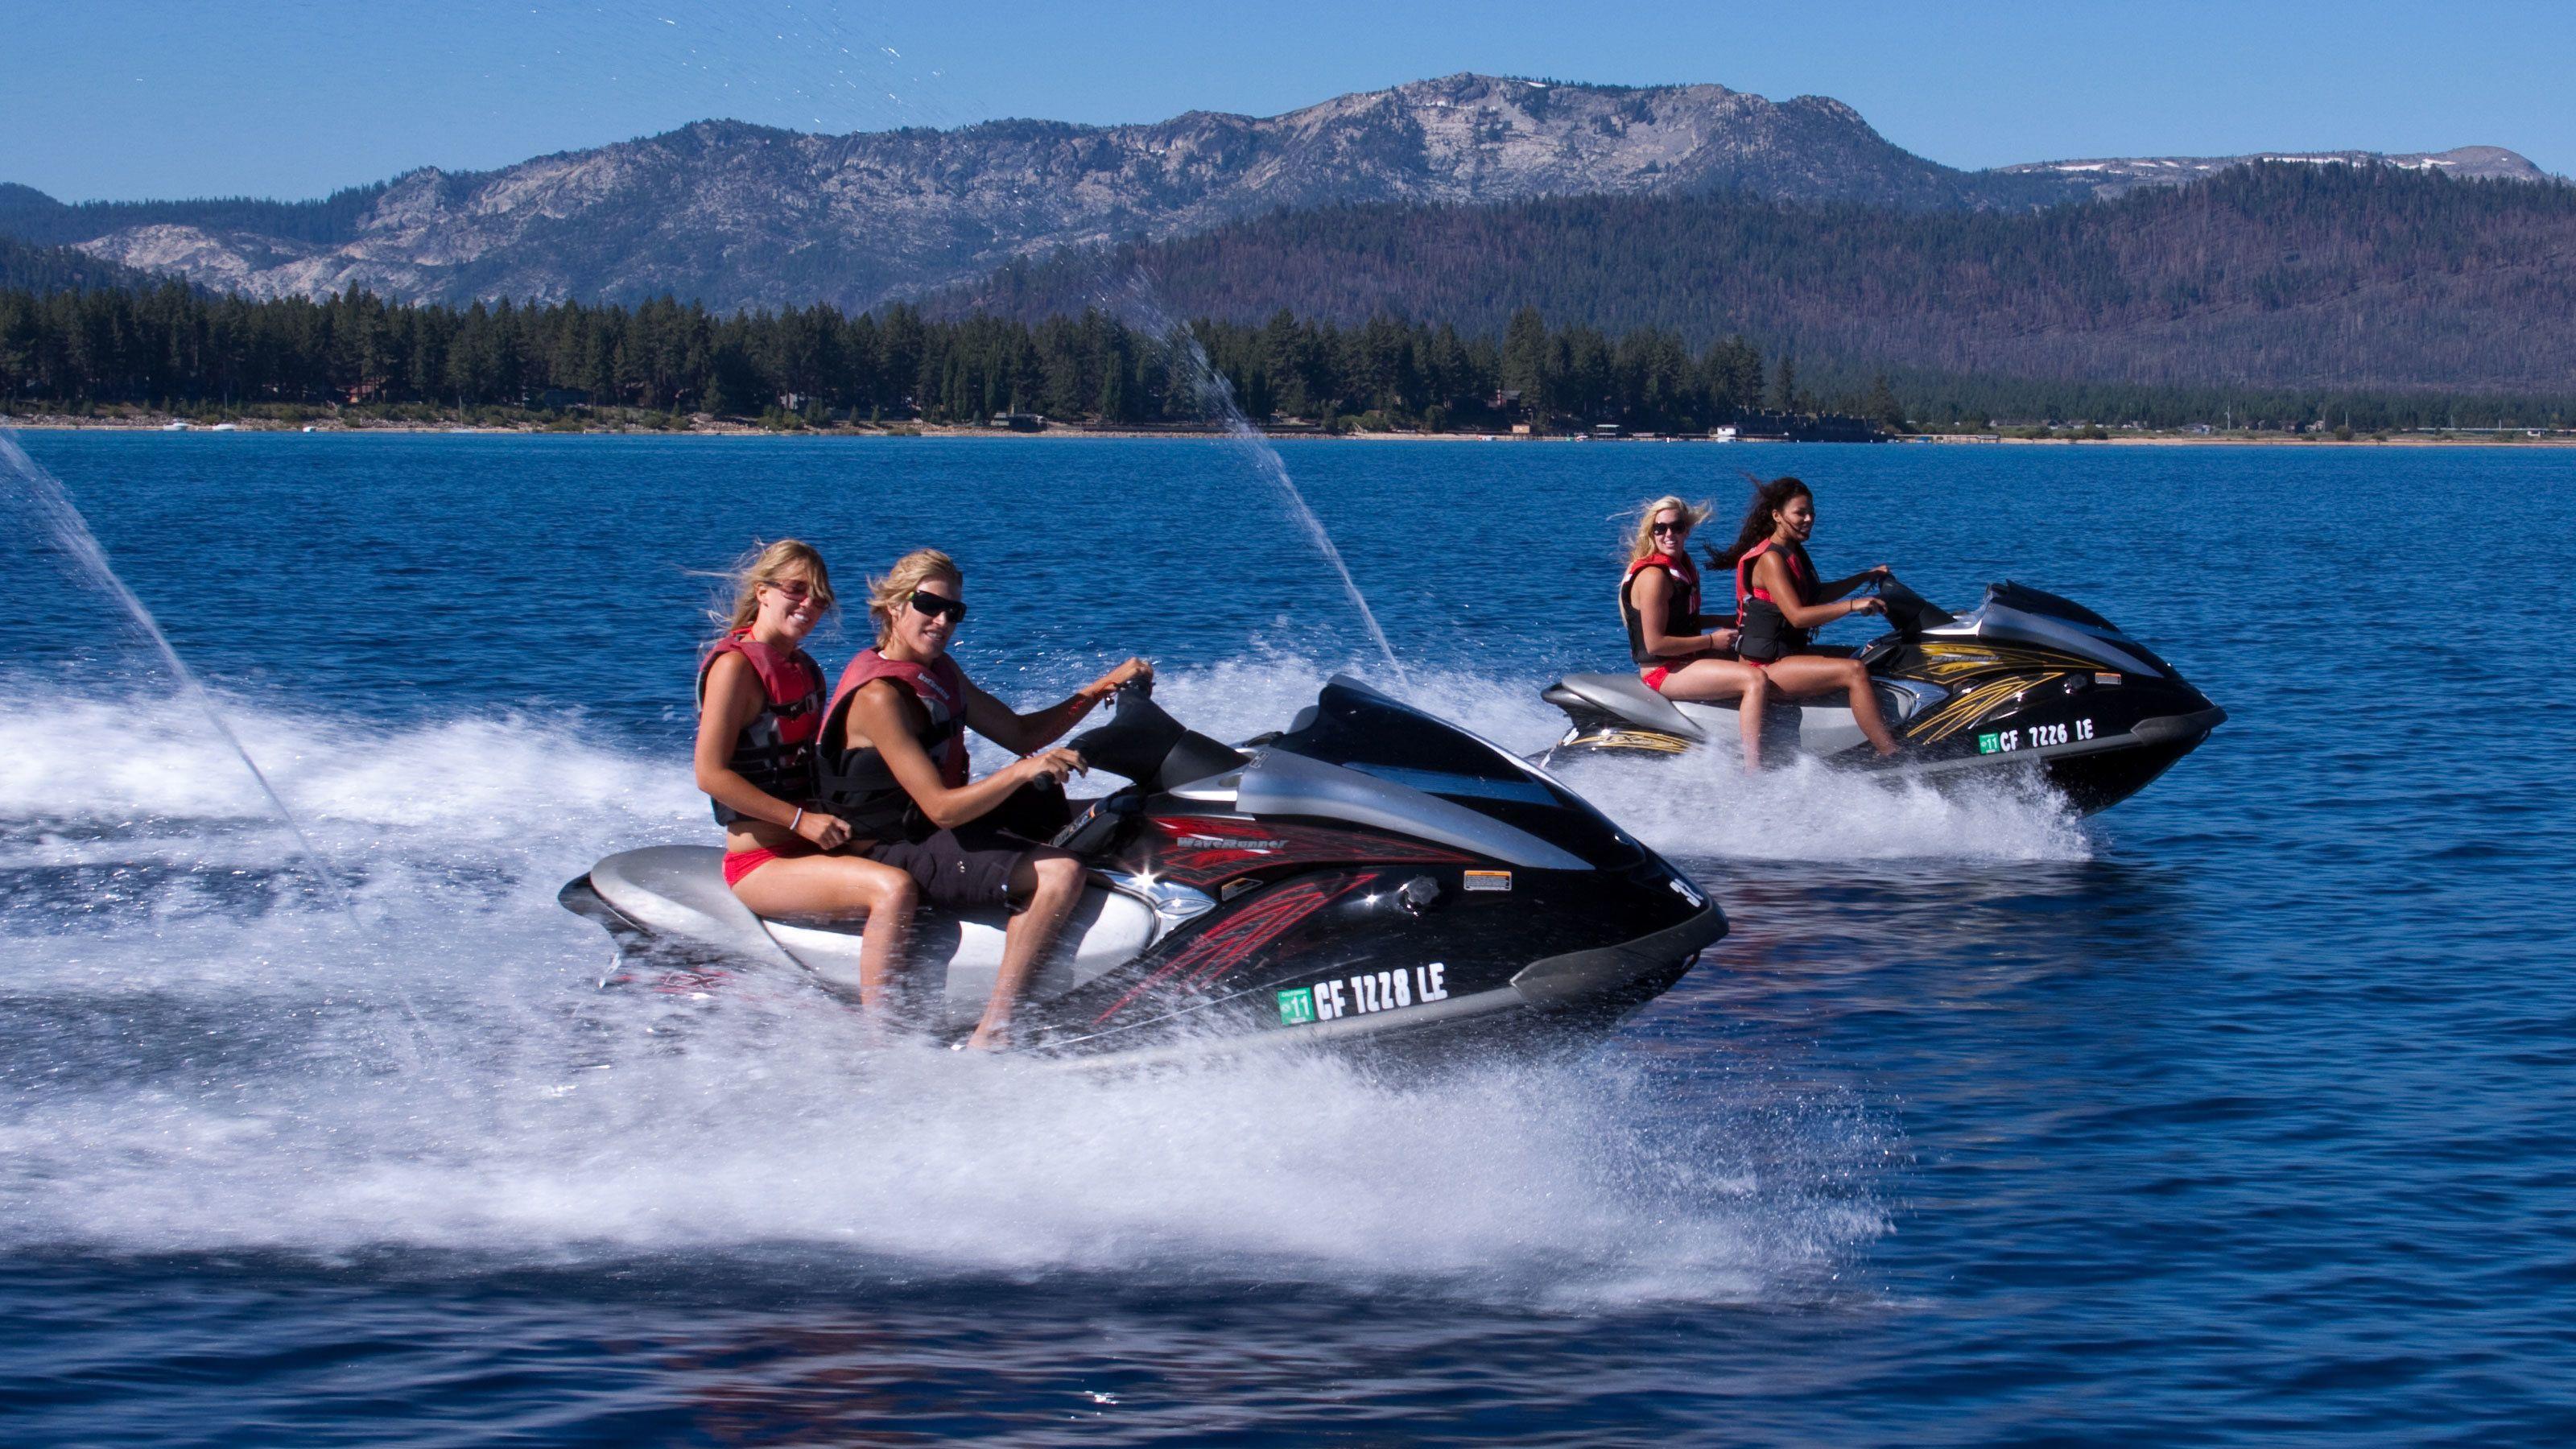 Women jet skiing in Lake Tahoe